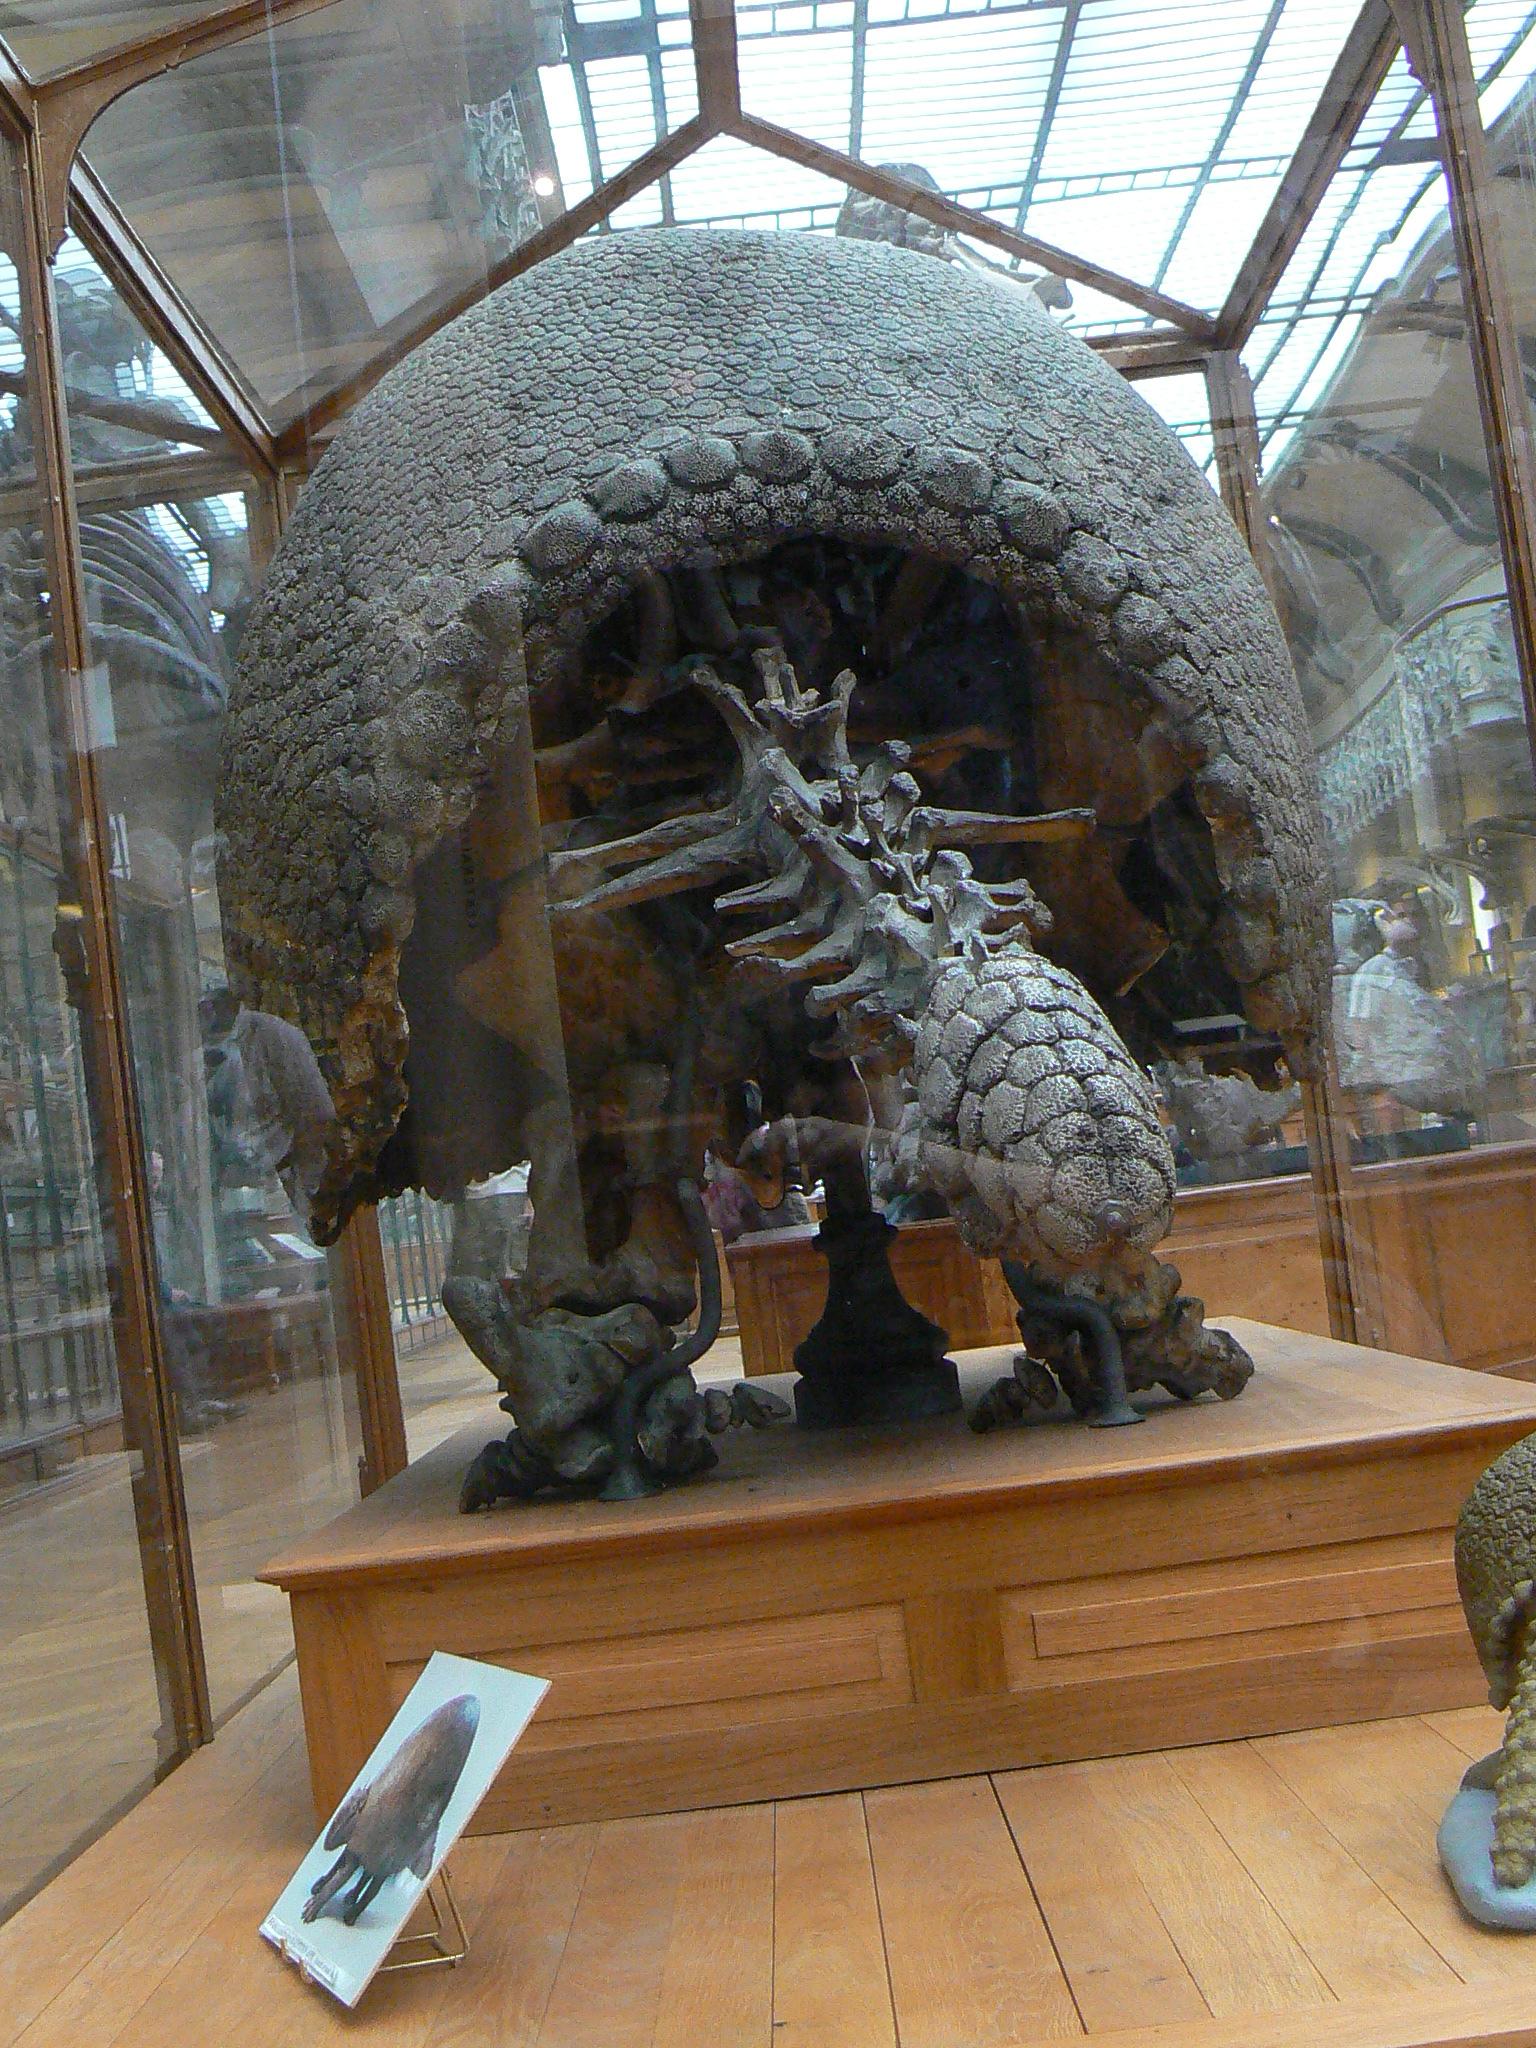 File:Glyptodon asper from behind.JPG - Wikimedia Commons